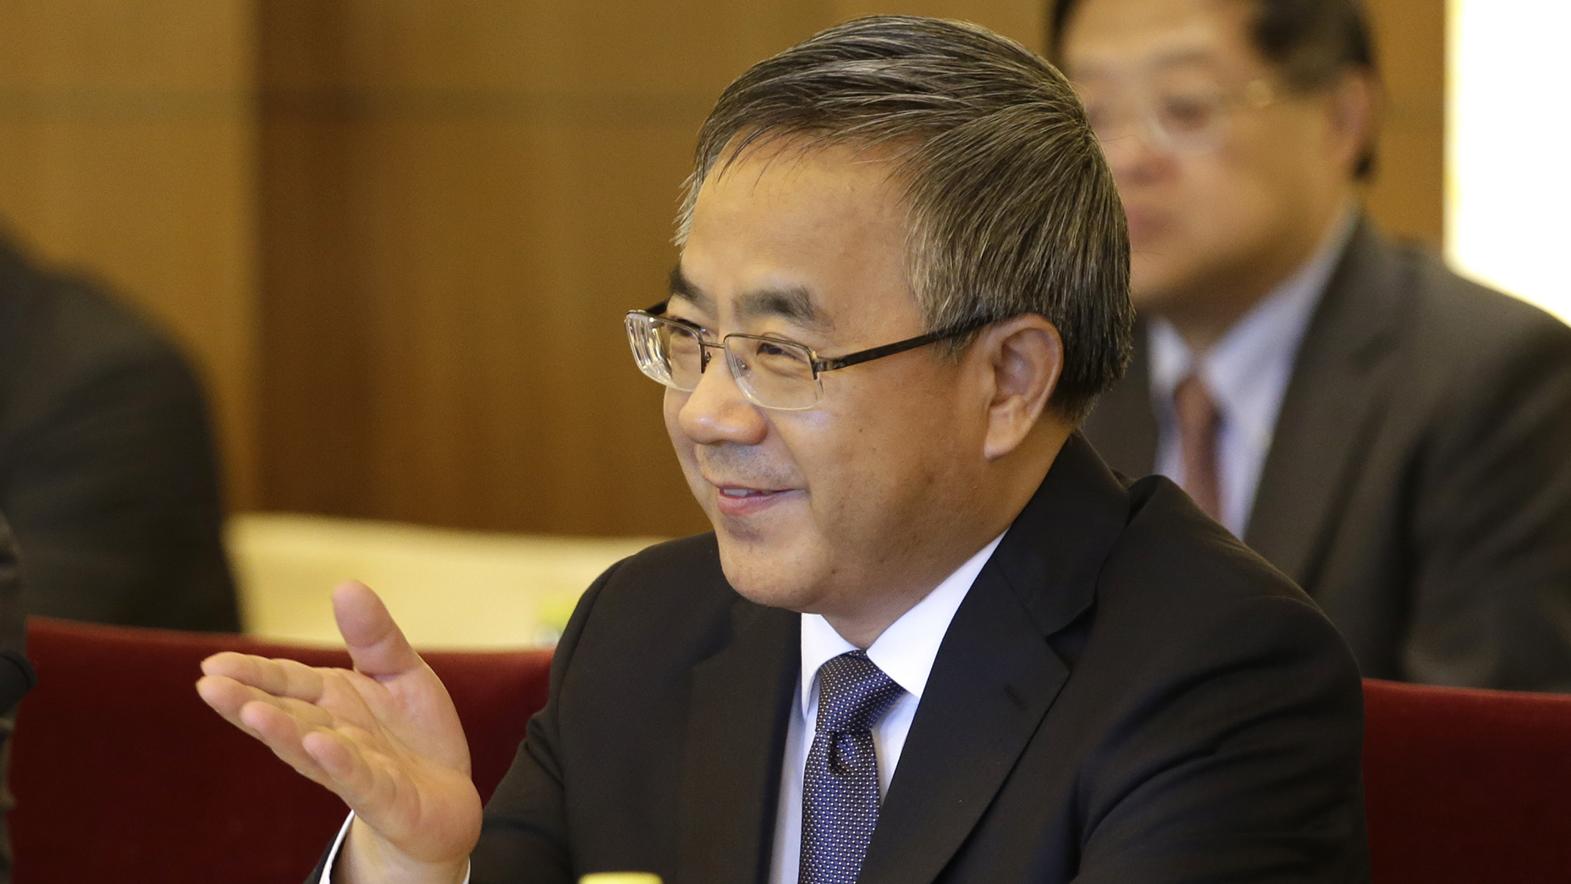 国务院副总理胡春华。(美联社)